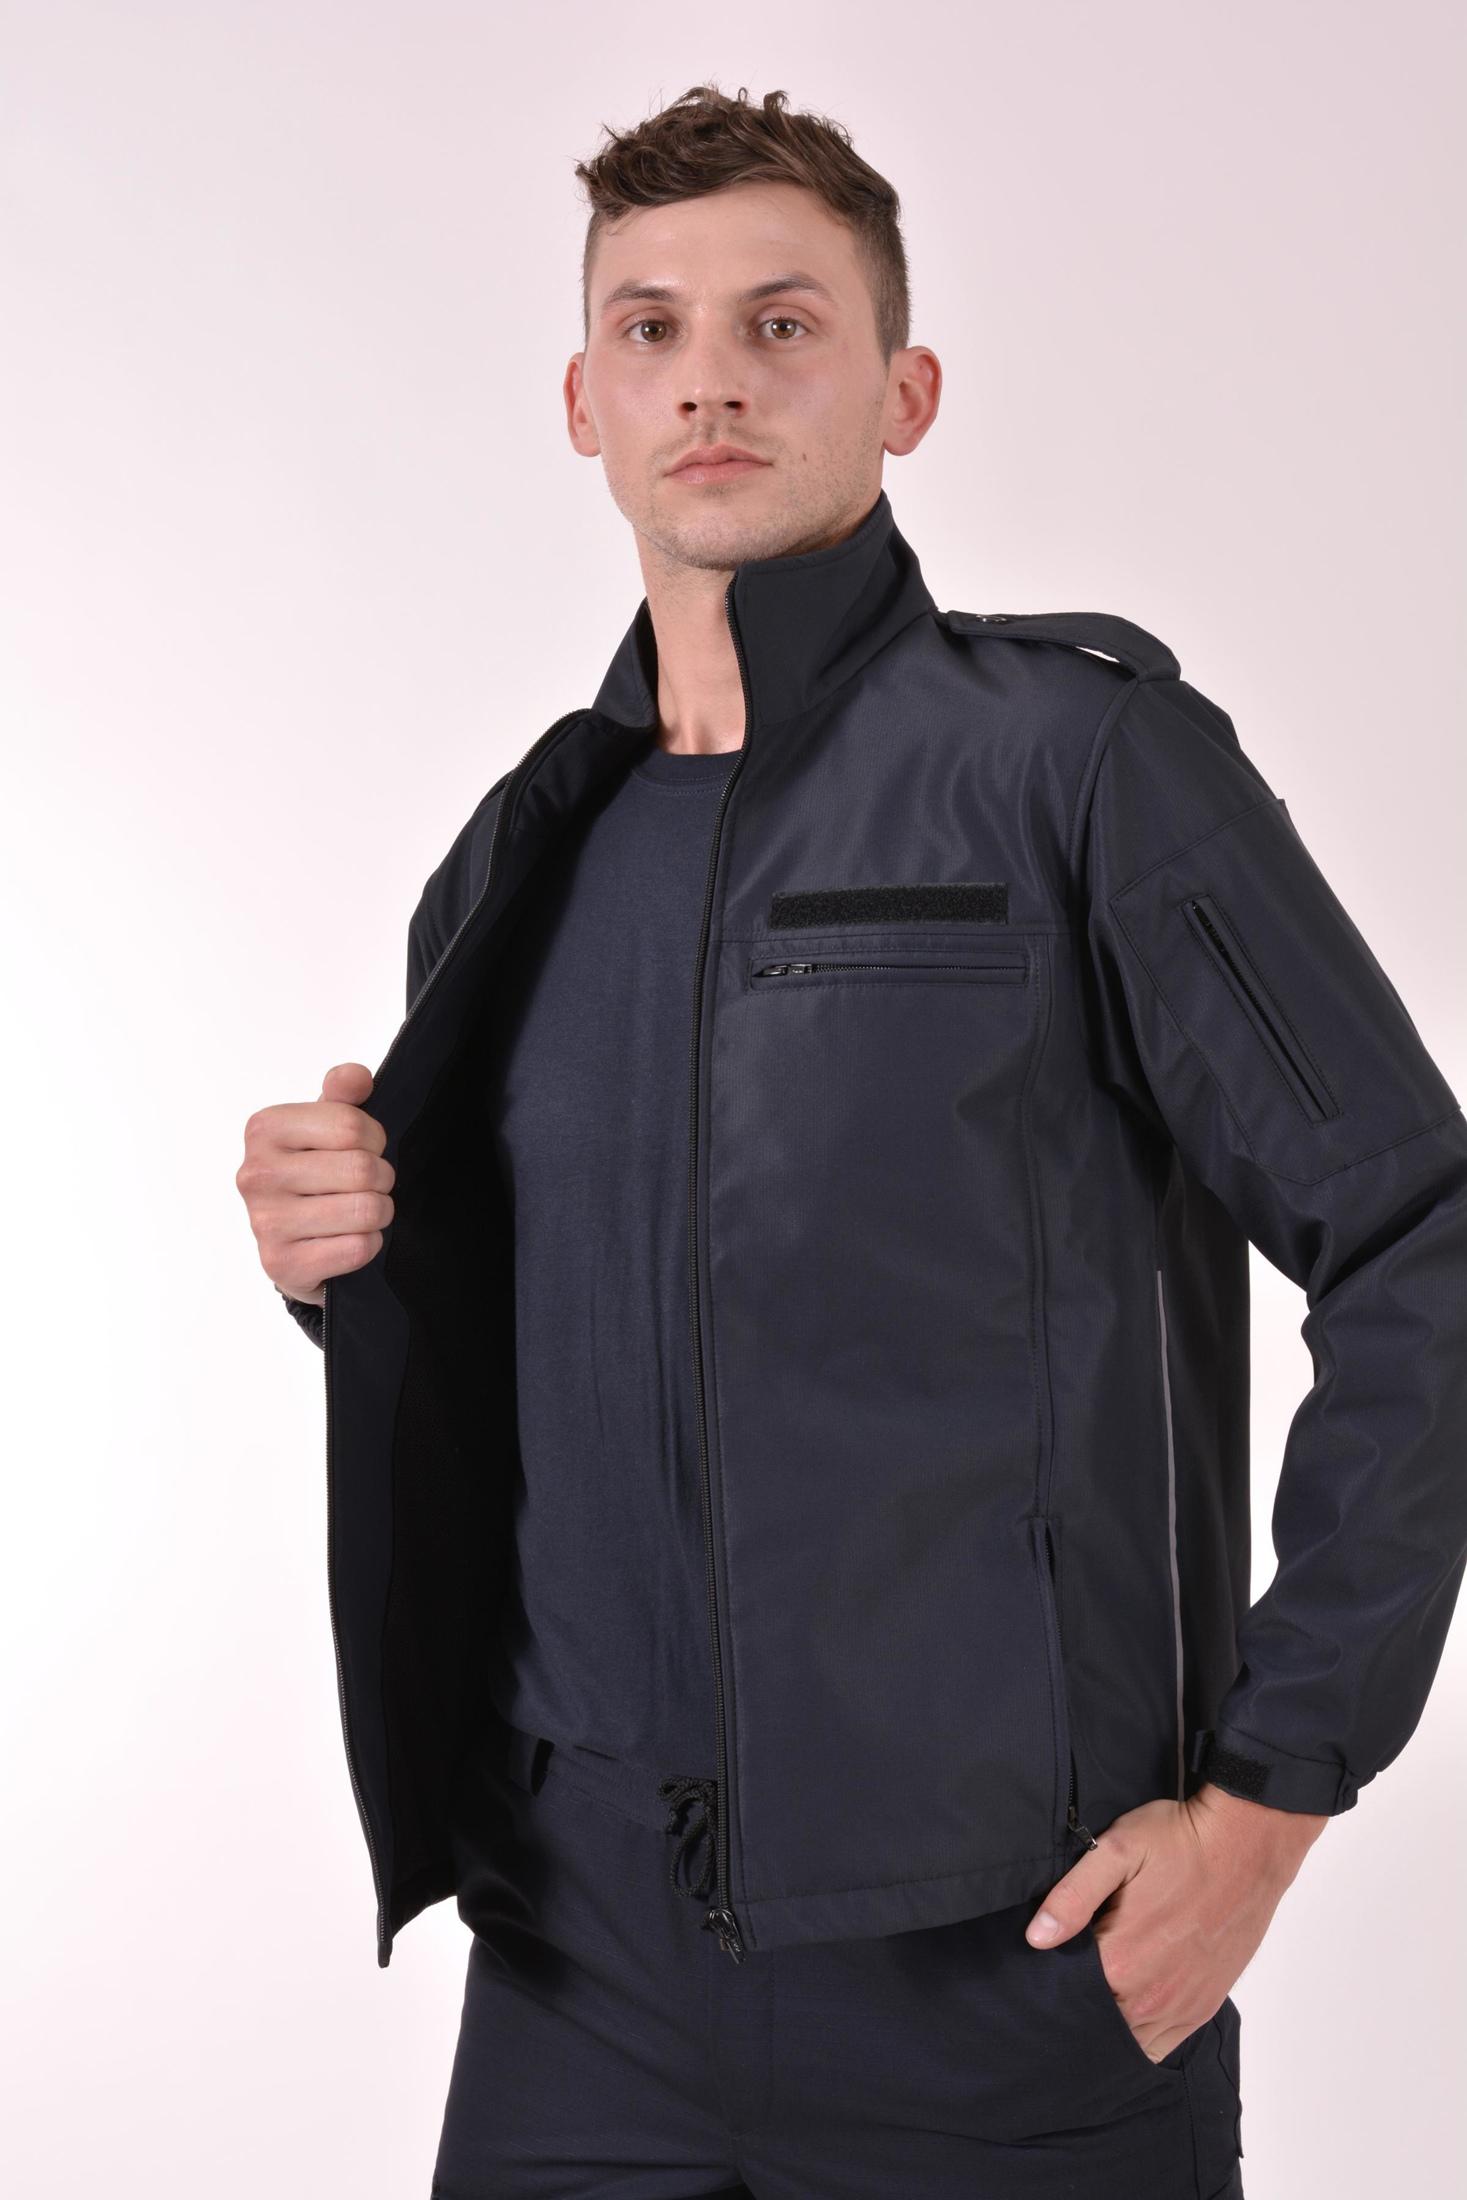 muška vatrogasna jakna soft shell, vodootporna, vjetrootporna. men's jacket soft shell, water repellent, windproof